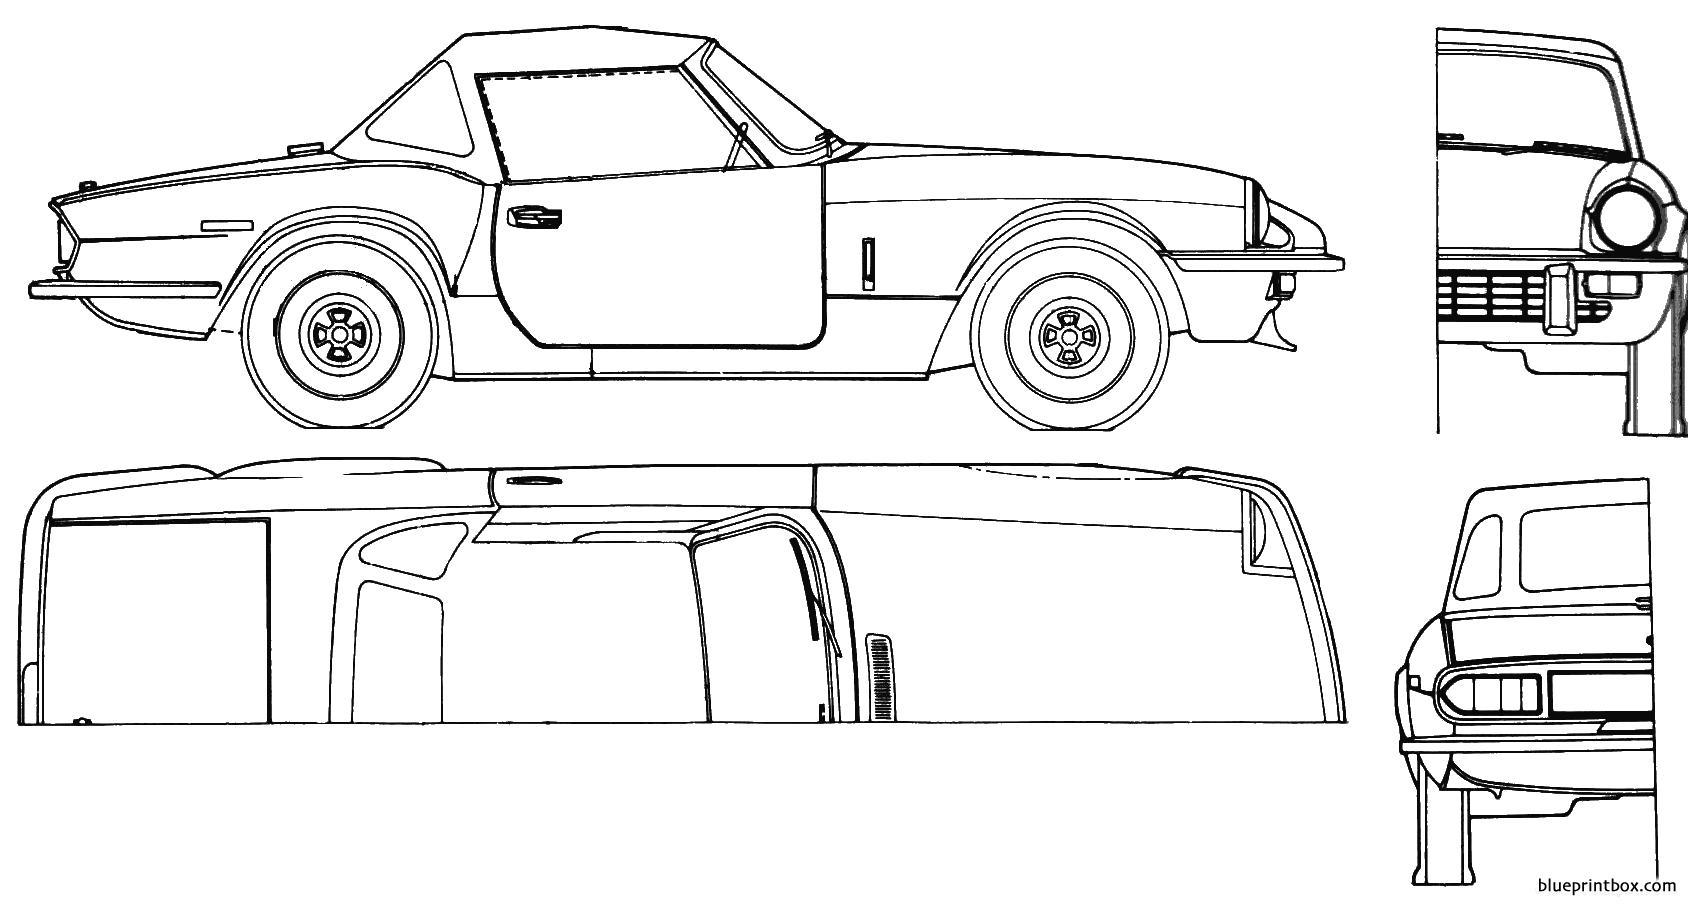 Triumph Spitfire Softtop 1975 - Blueprintbox Com